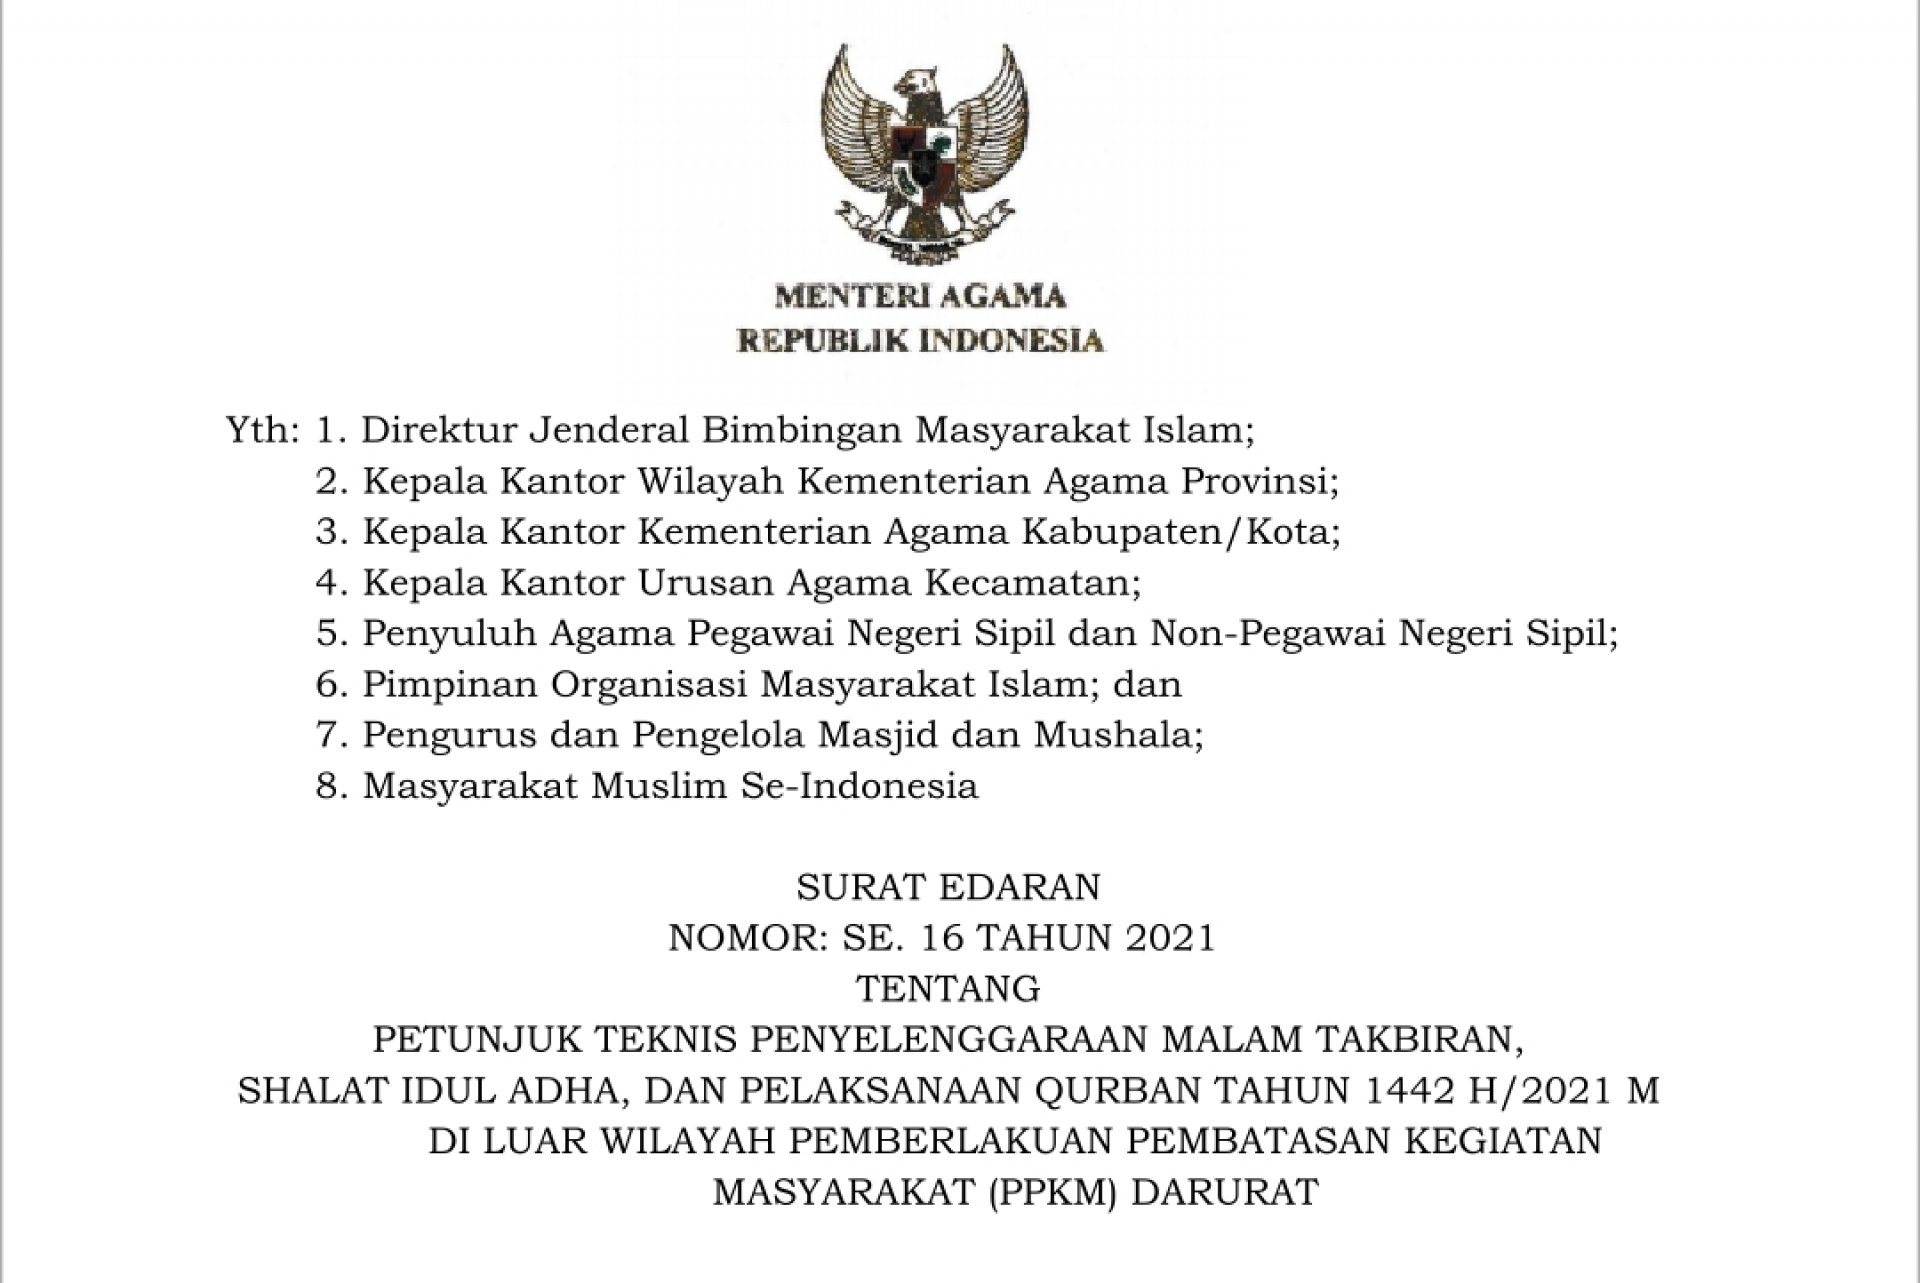 SE Menag Nomor 16 Tahun 2021 Tentang Petunjuk Teknis Penyelenggaraan Malam Takbiran, Shalat Iduladha, dan Qurban di Luar Wilayah PPKM Darurat